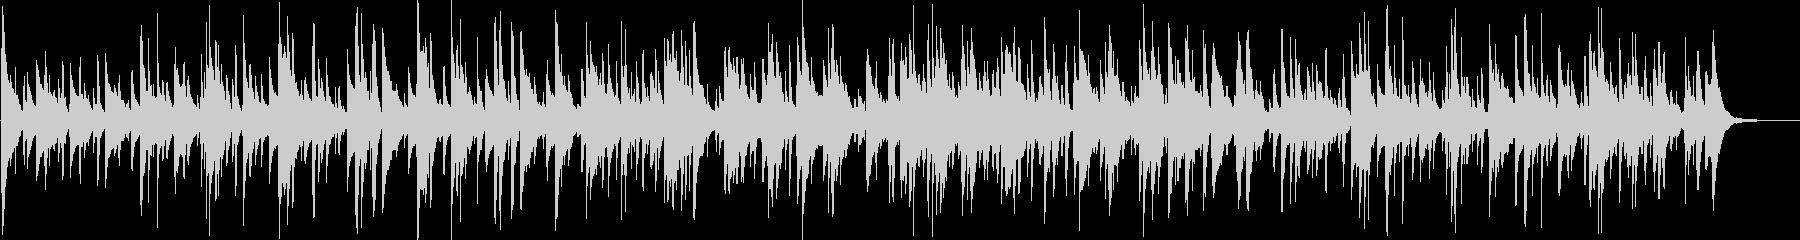 アコースティックバラードA110の未再生の波形